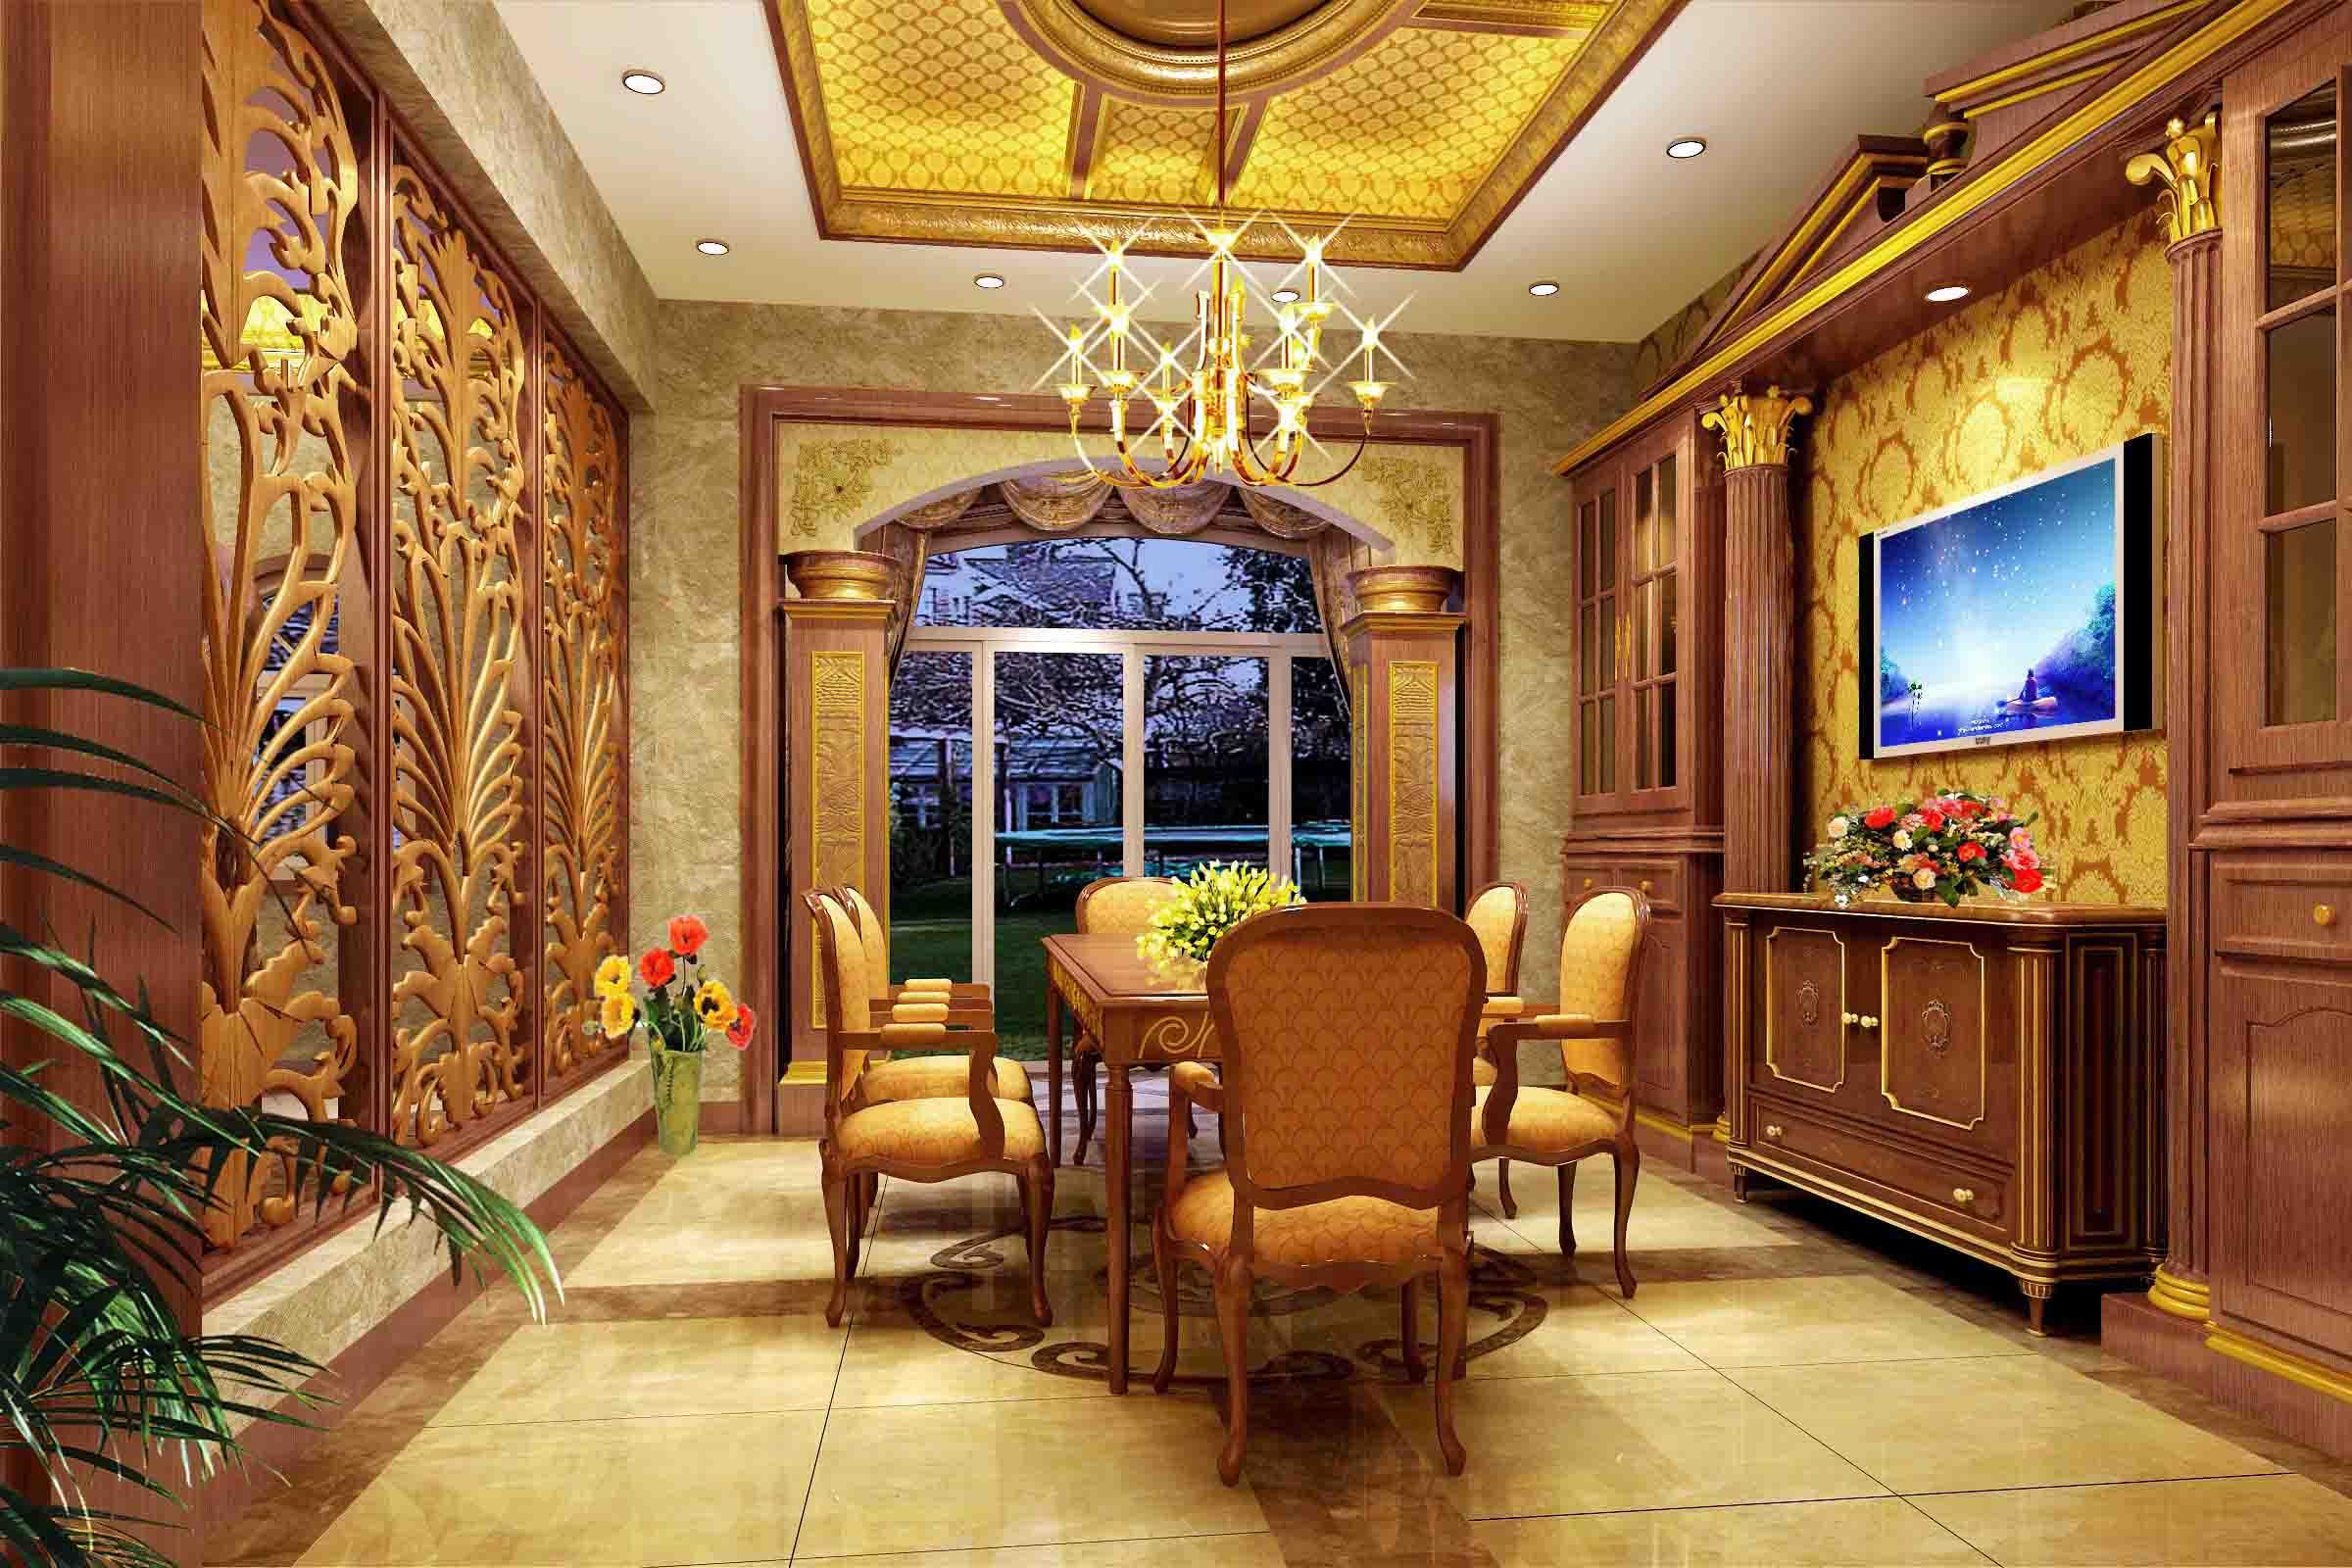 英伦 贵族 庄园 别墅 孙鸽 龙发装饰图片来自393305963在英伦贵族庄园风情的分享